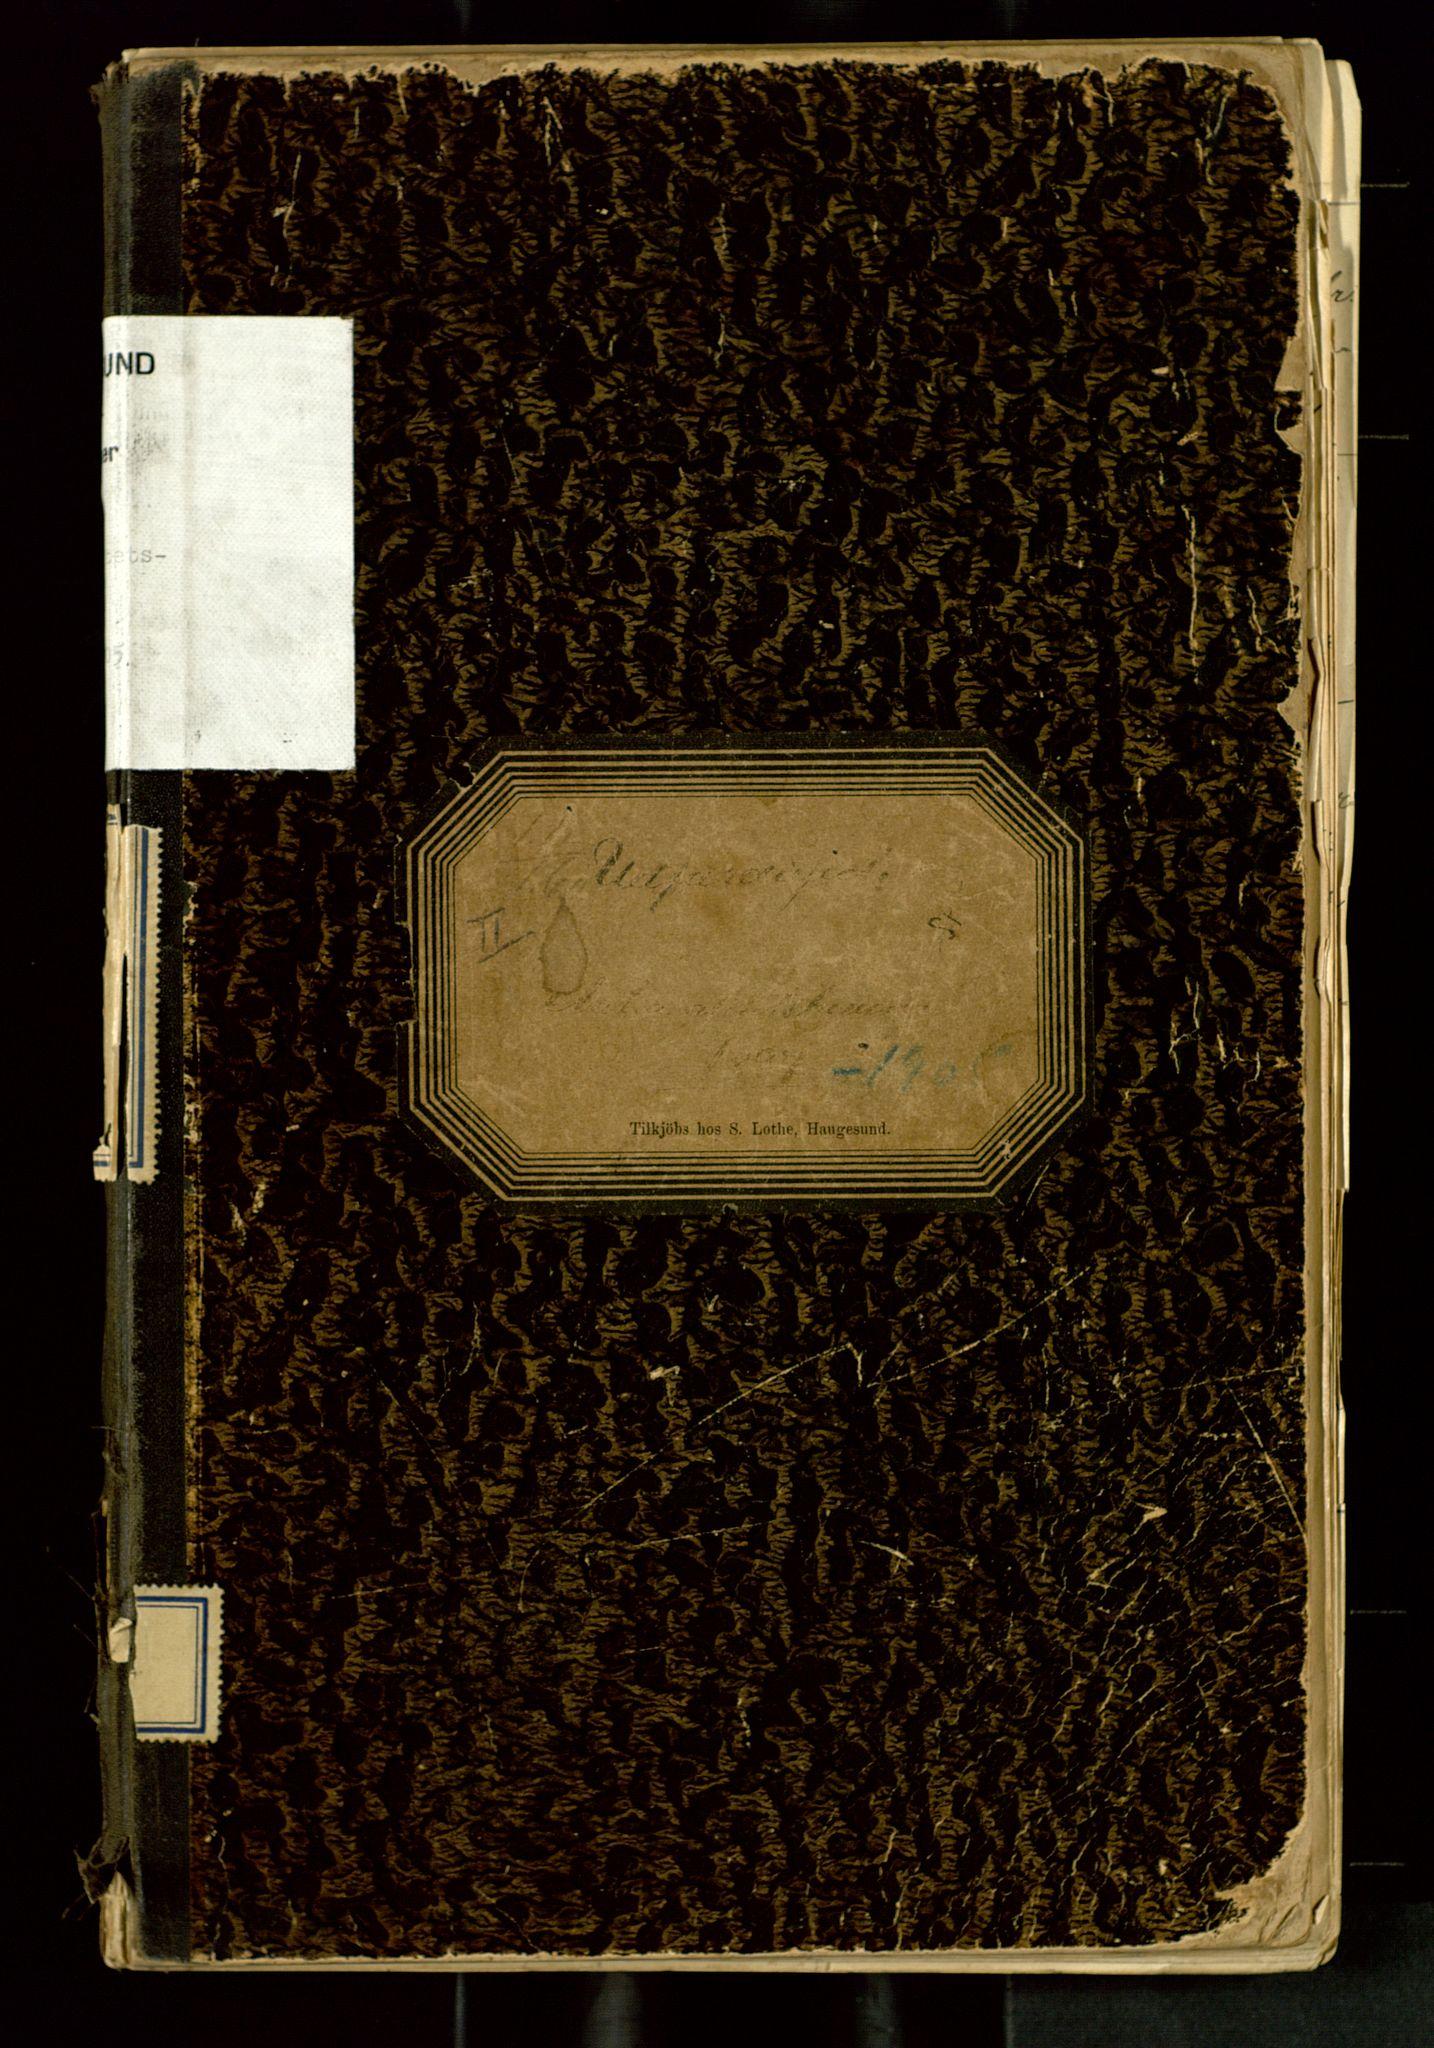 SAST, Haugesund tollsted, O/L0260: Nasjonalitetsbeviser, 1897-1905